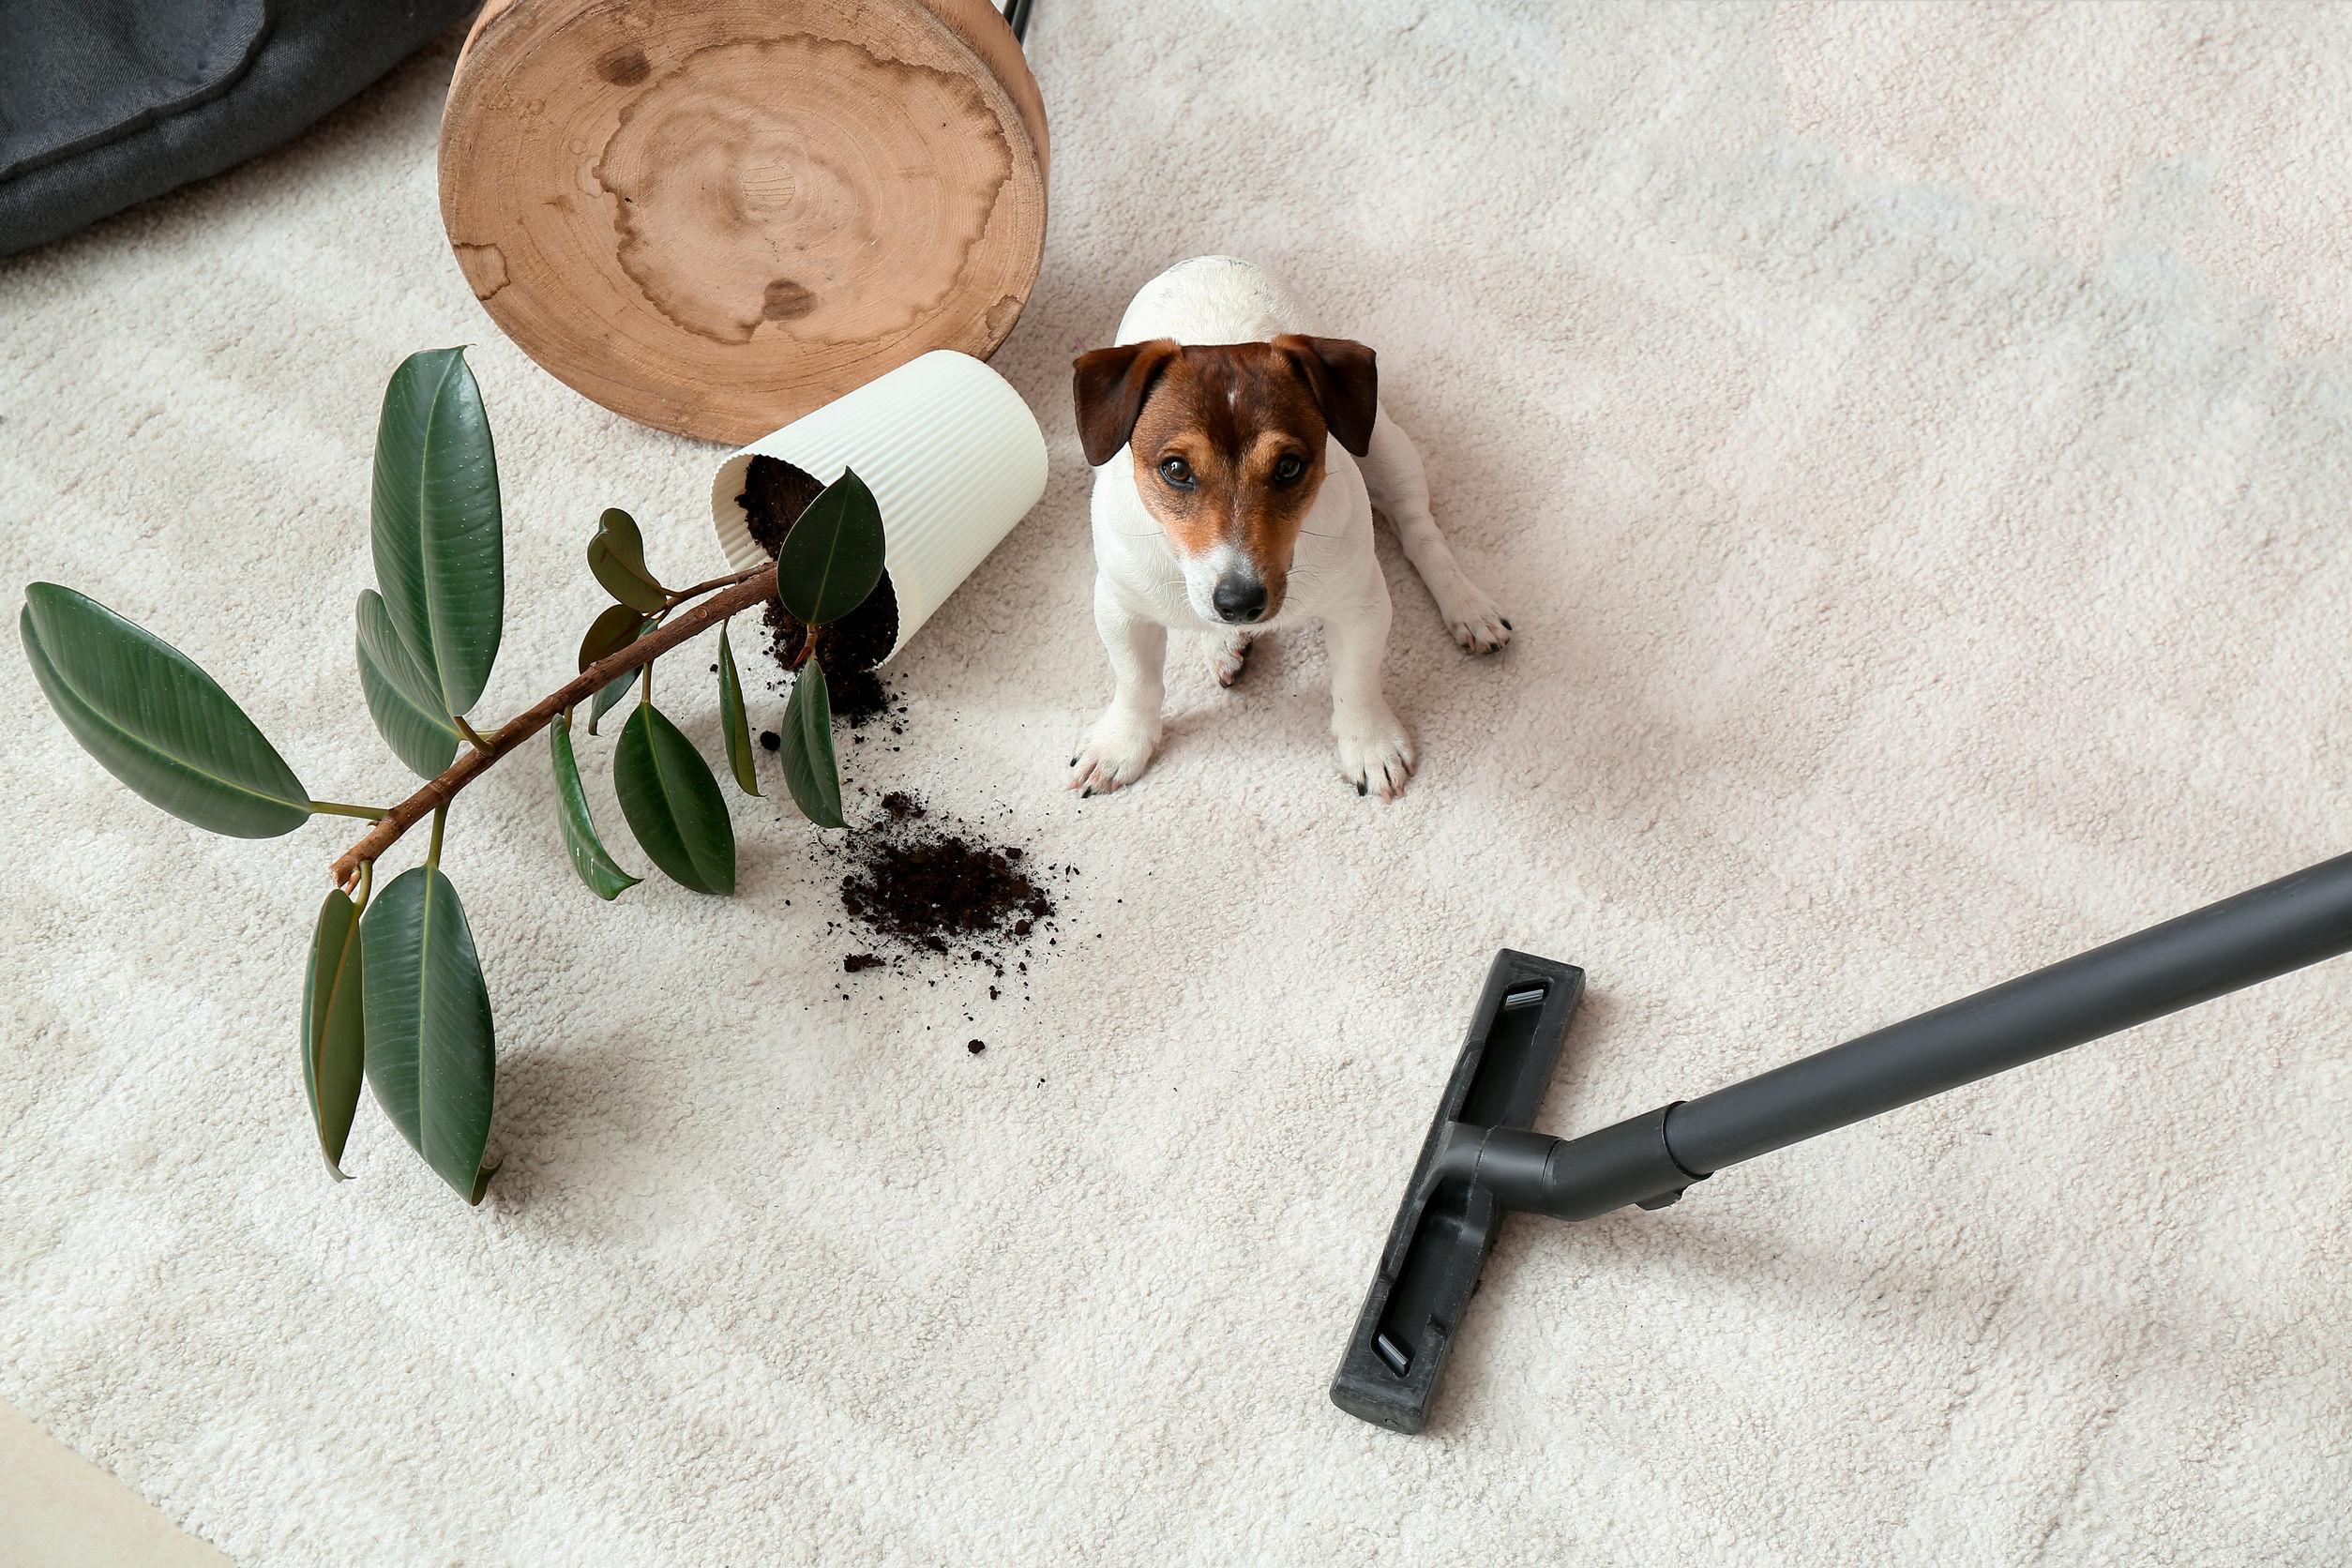 Propietario limpiando alfombra después de perro travieso